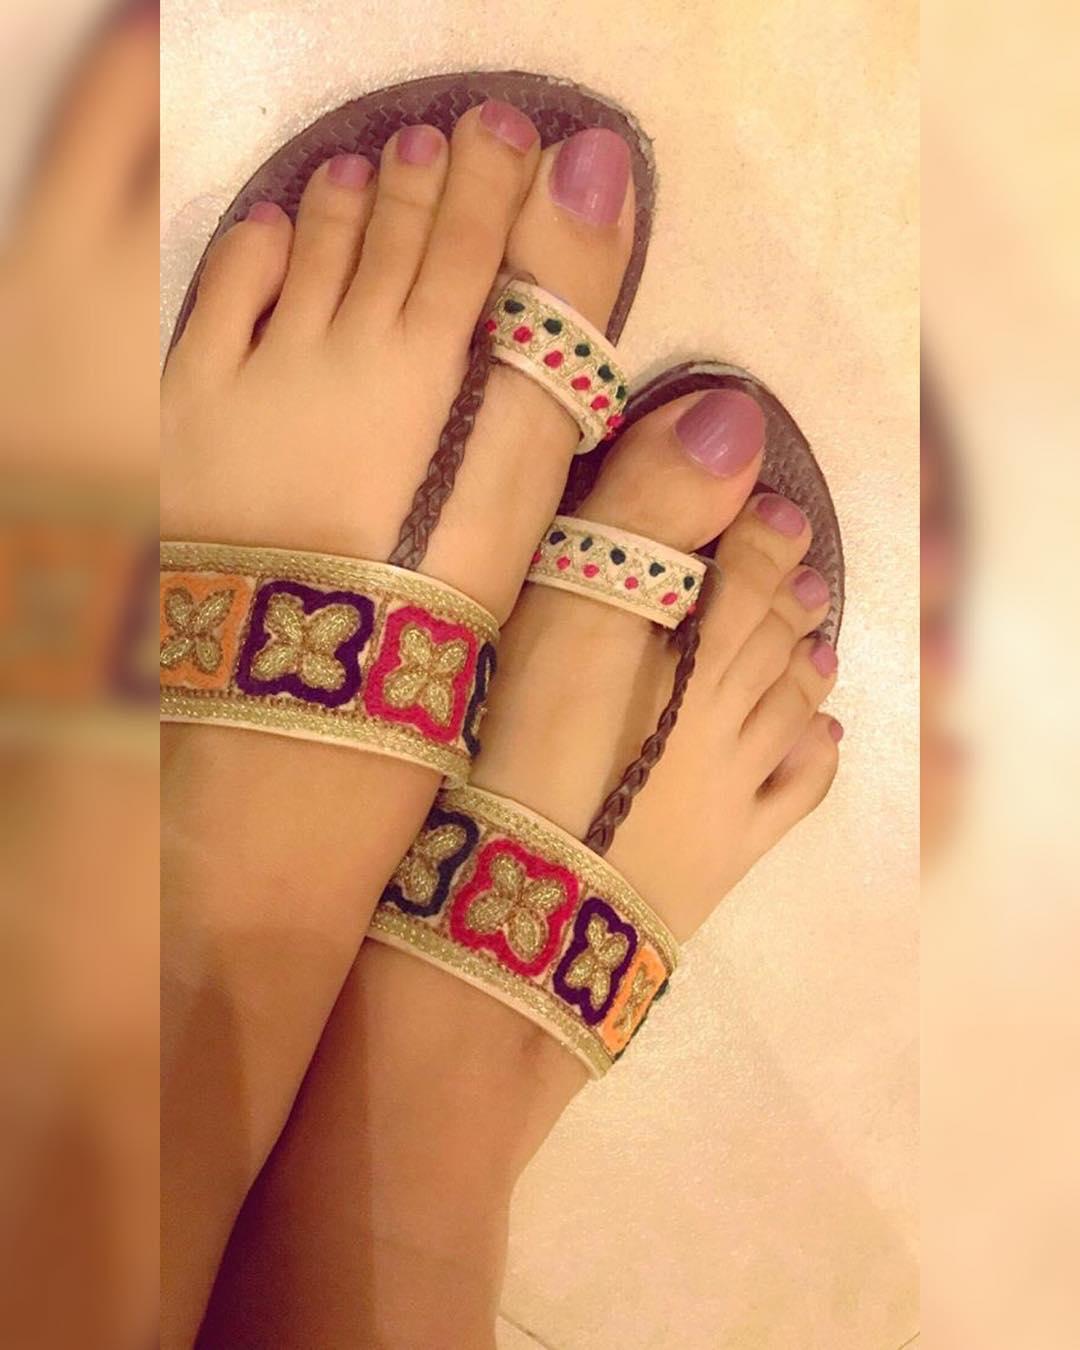 pretty toe nail design ideas 2019 10 - 15 Pretty Toe Nail Design Ideas 2019